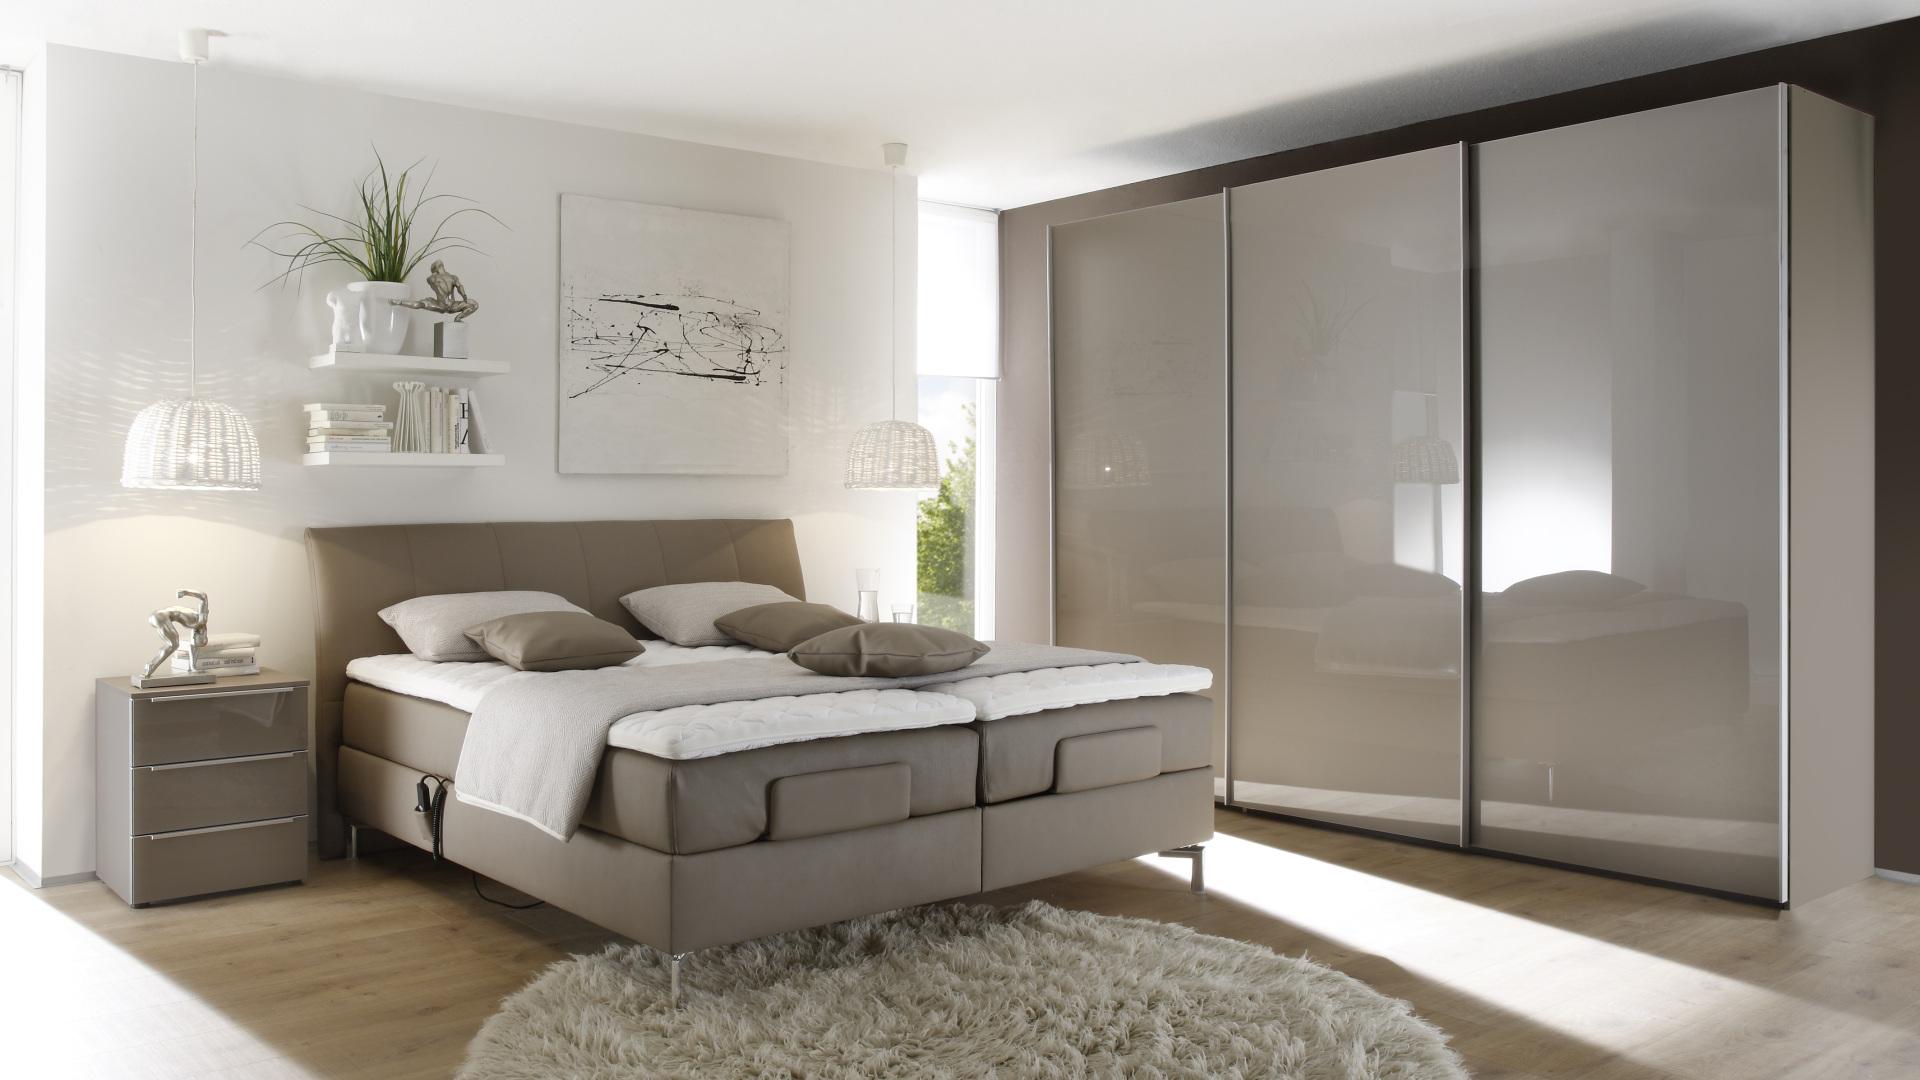 elegancka sypialnia z meblami wyprodukowanymi w niemczech